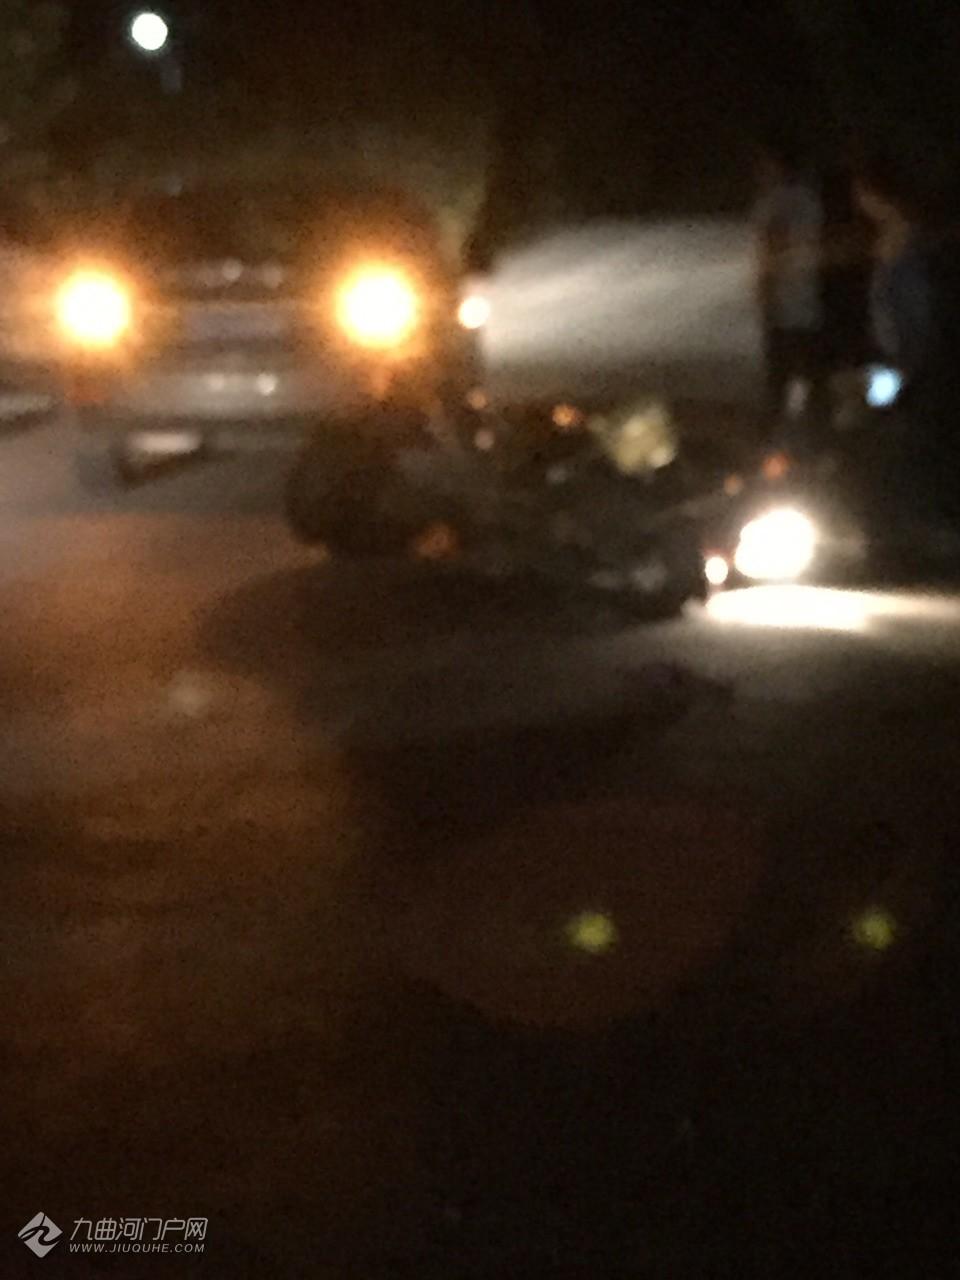 资资路上发生了车祸事故,一辆摩托车和小车相撞,伤势不详